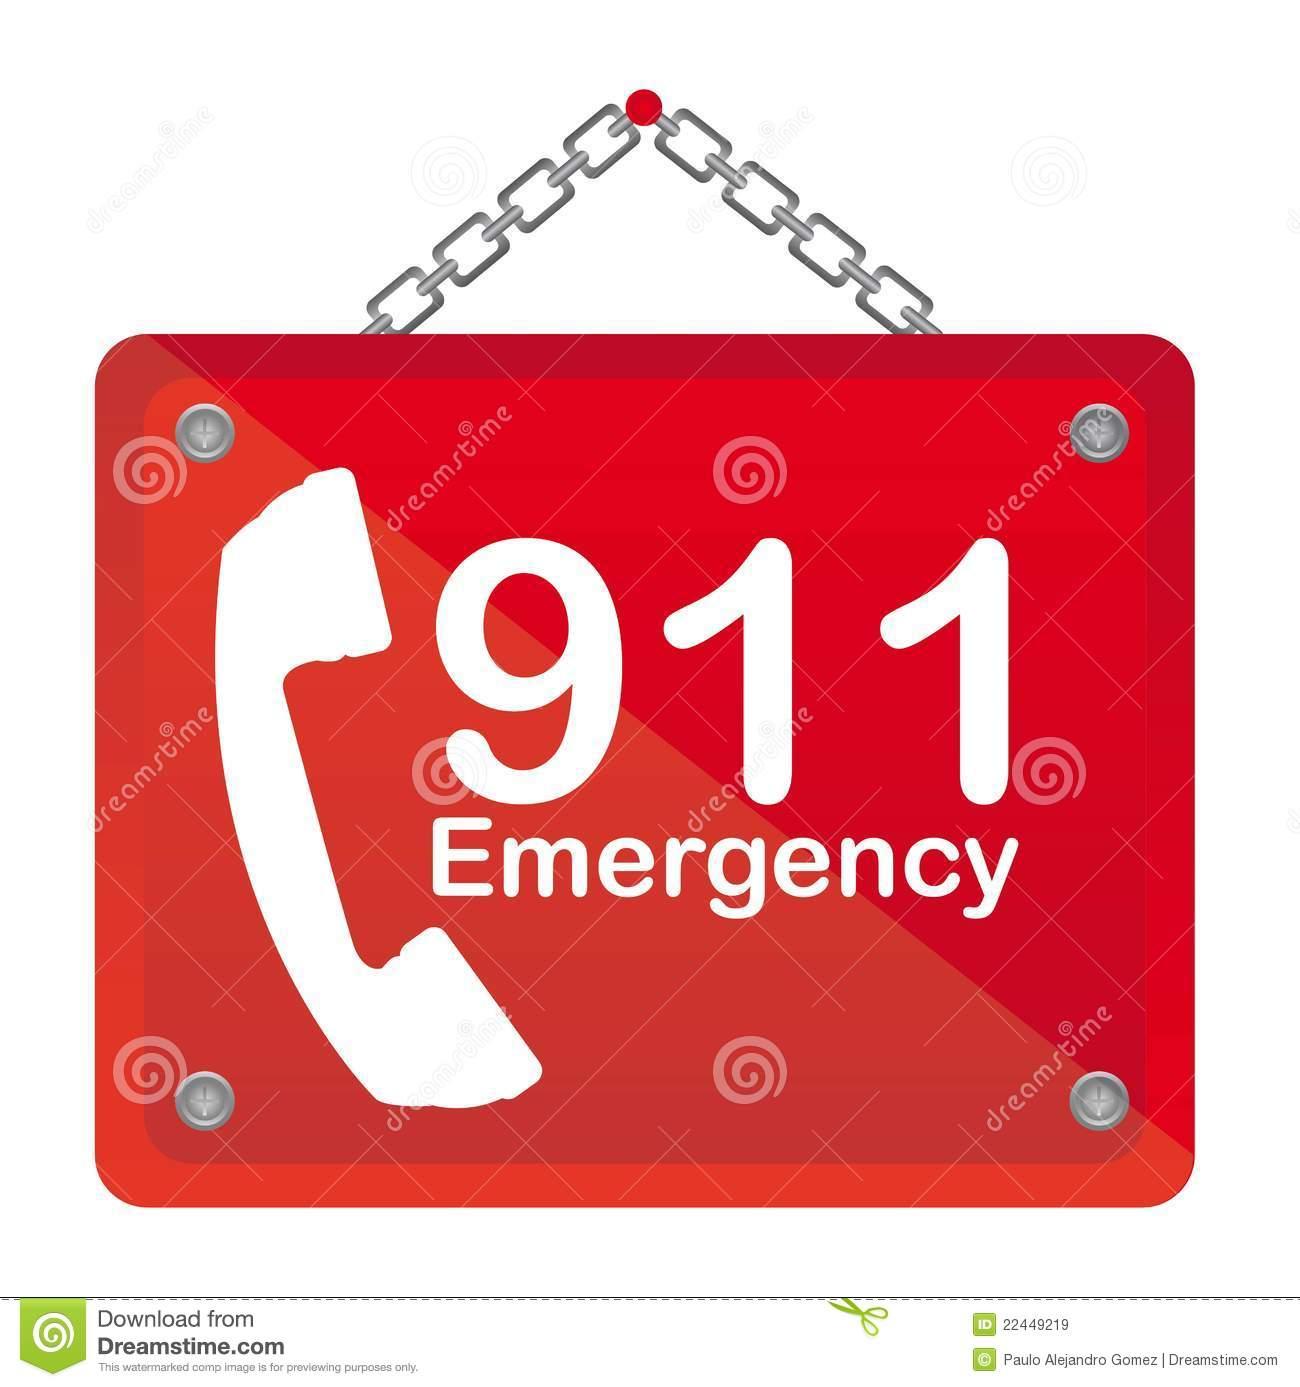 Chiama il 911 per chiedere aiuto ma non può parlare, l'operatore capisce il perchè e manda subito la polizia a salvarla